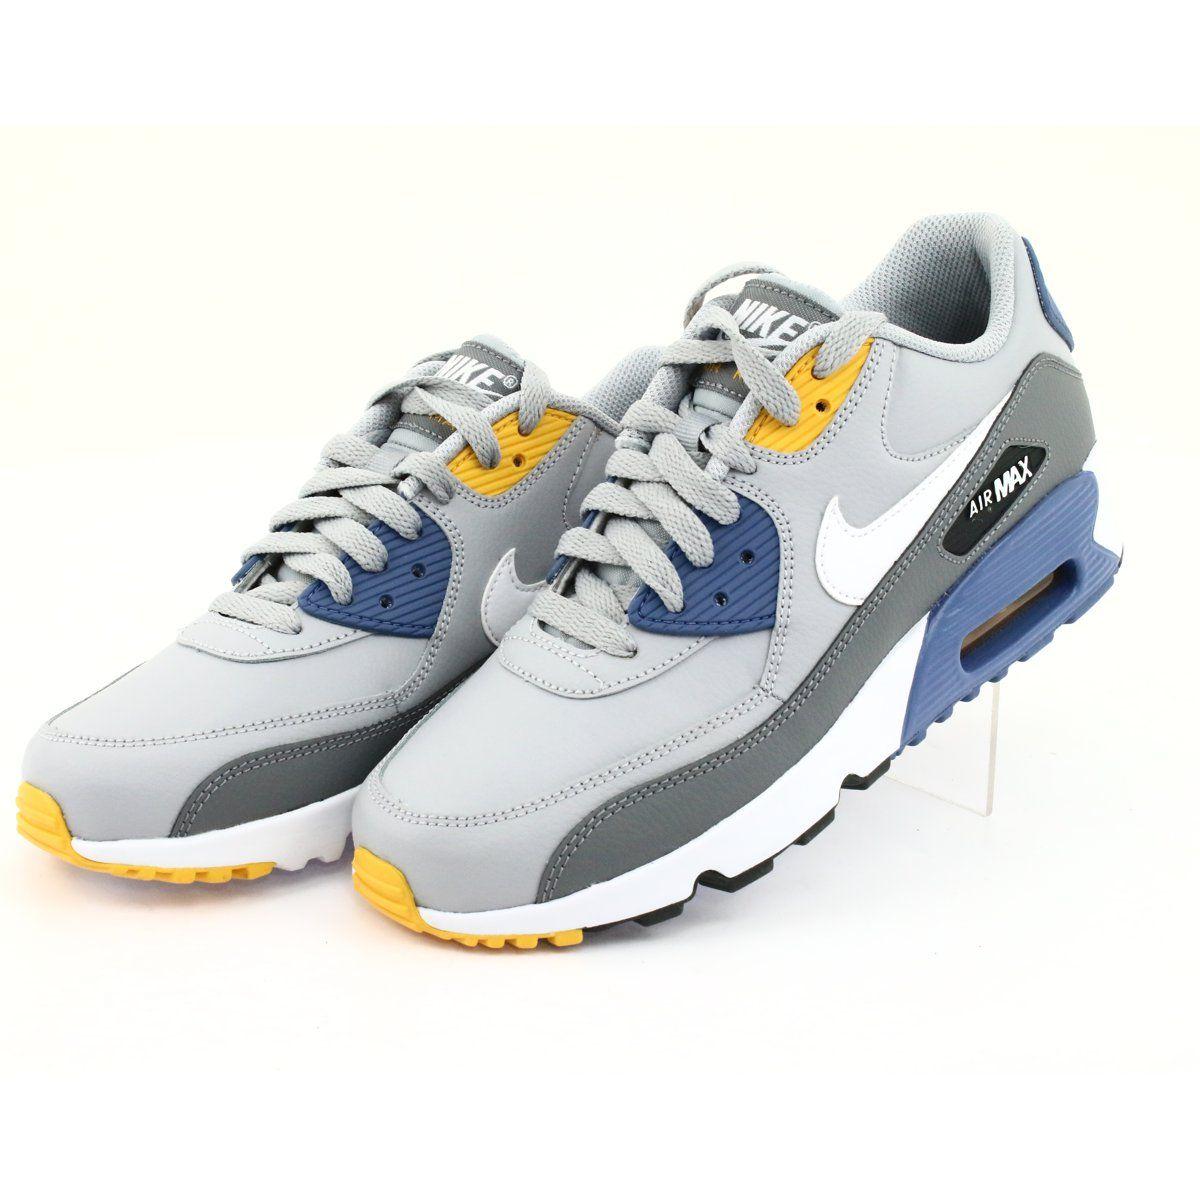 Nike Air Max 90 LTR (GS) 833412 026